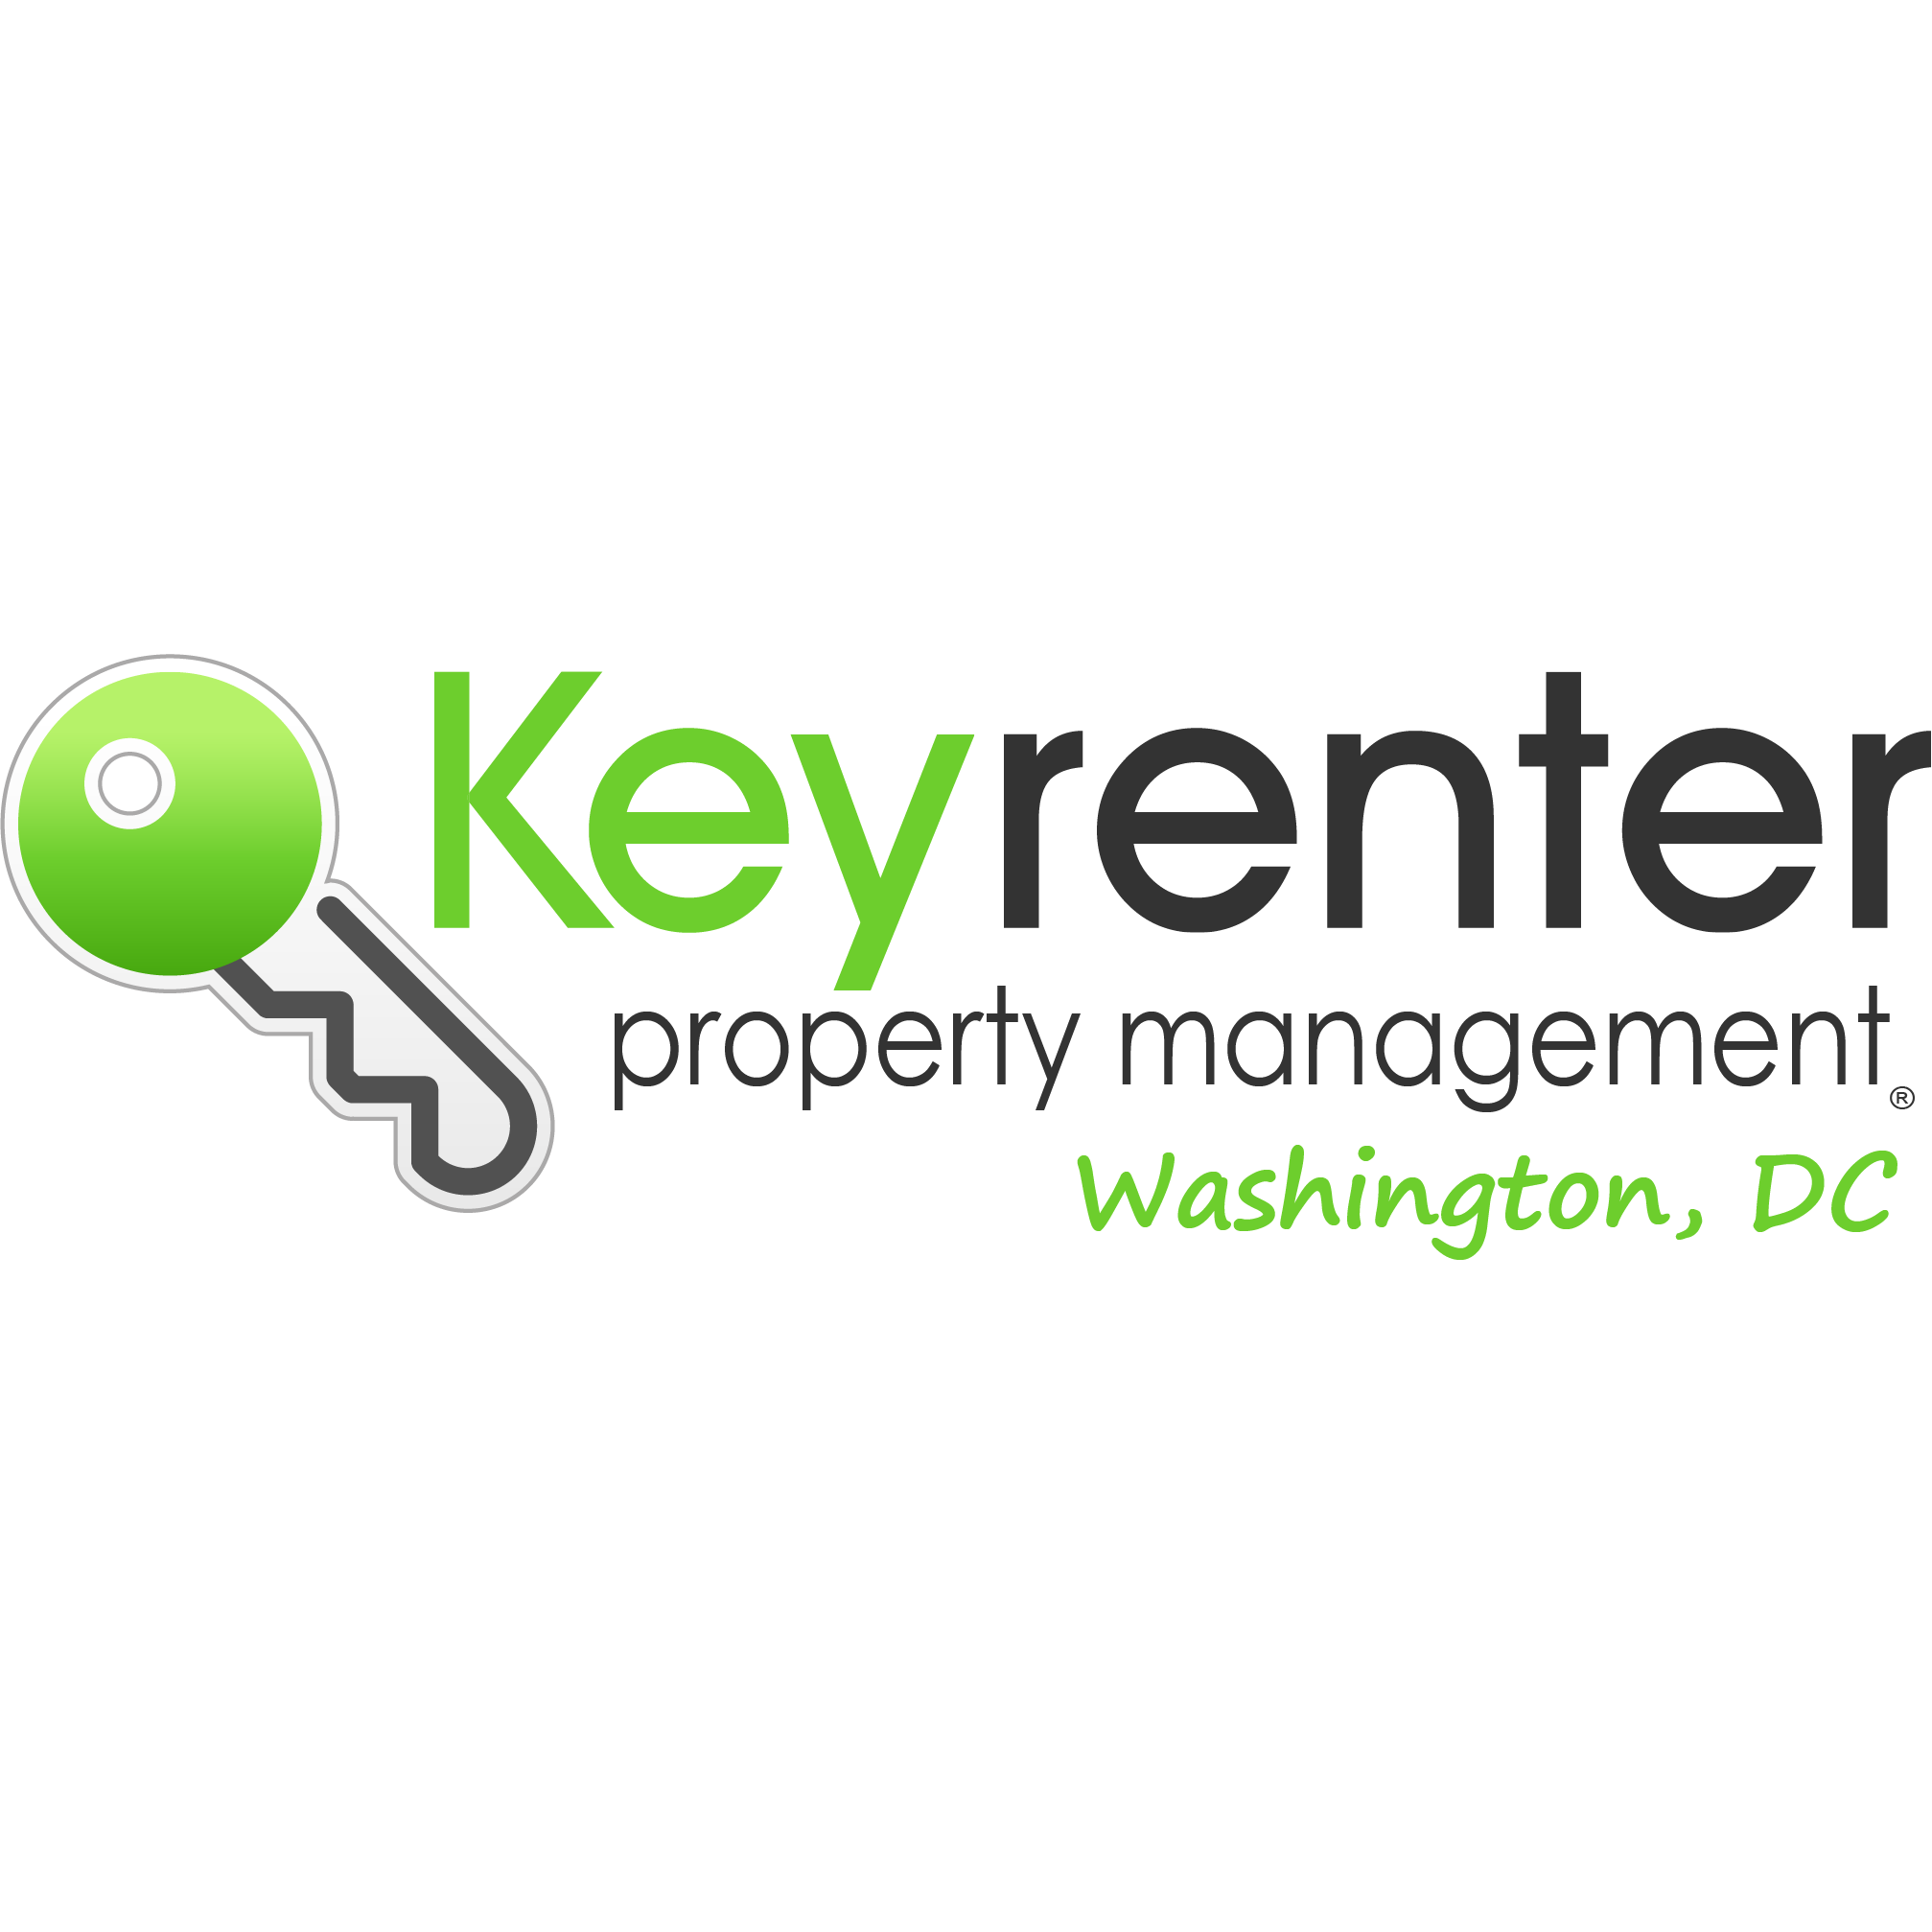 Keyrenter Property Management Washington, DC